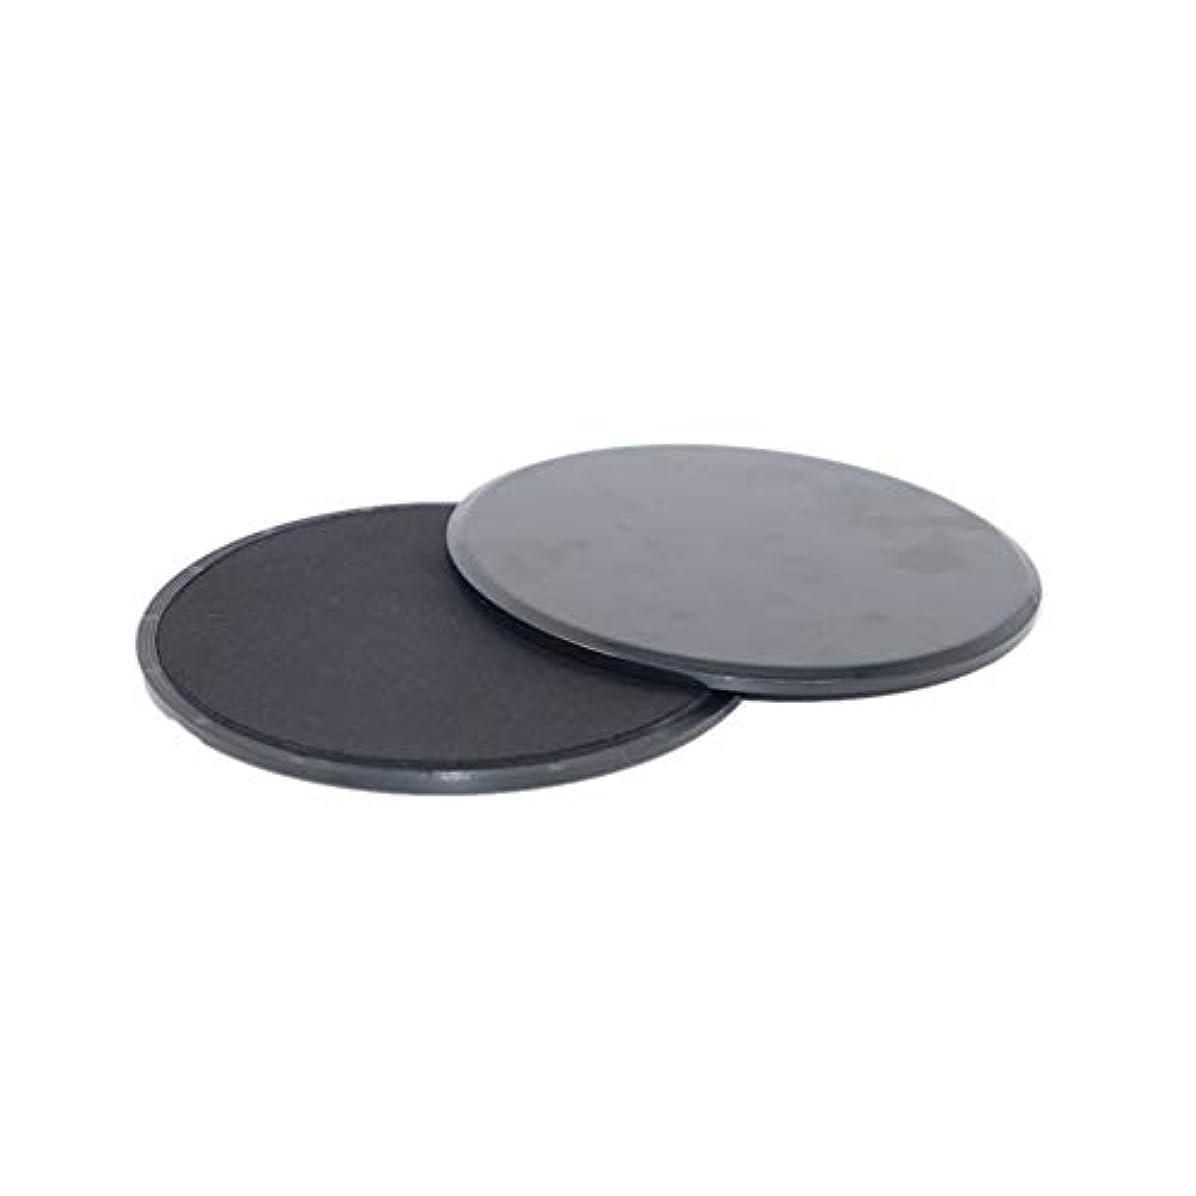 居間戦争改修するフィットネススライドグライディングディスク調整能力フィットネスエクササイズスライダーコアトレーニング腹部と全身トレーニング用 - ブラック